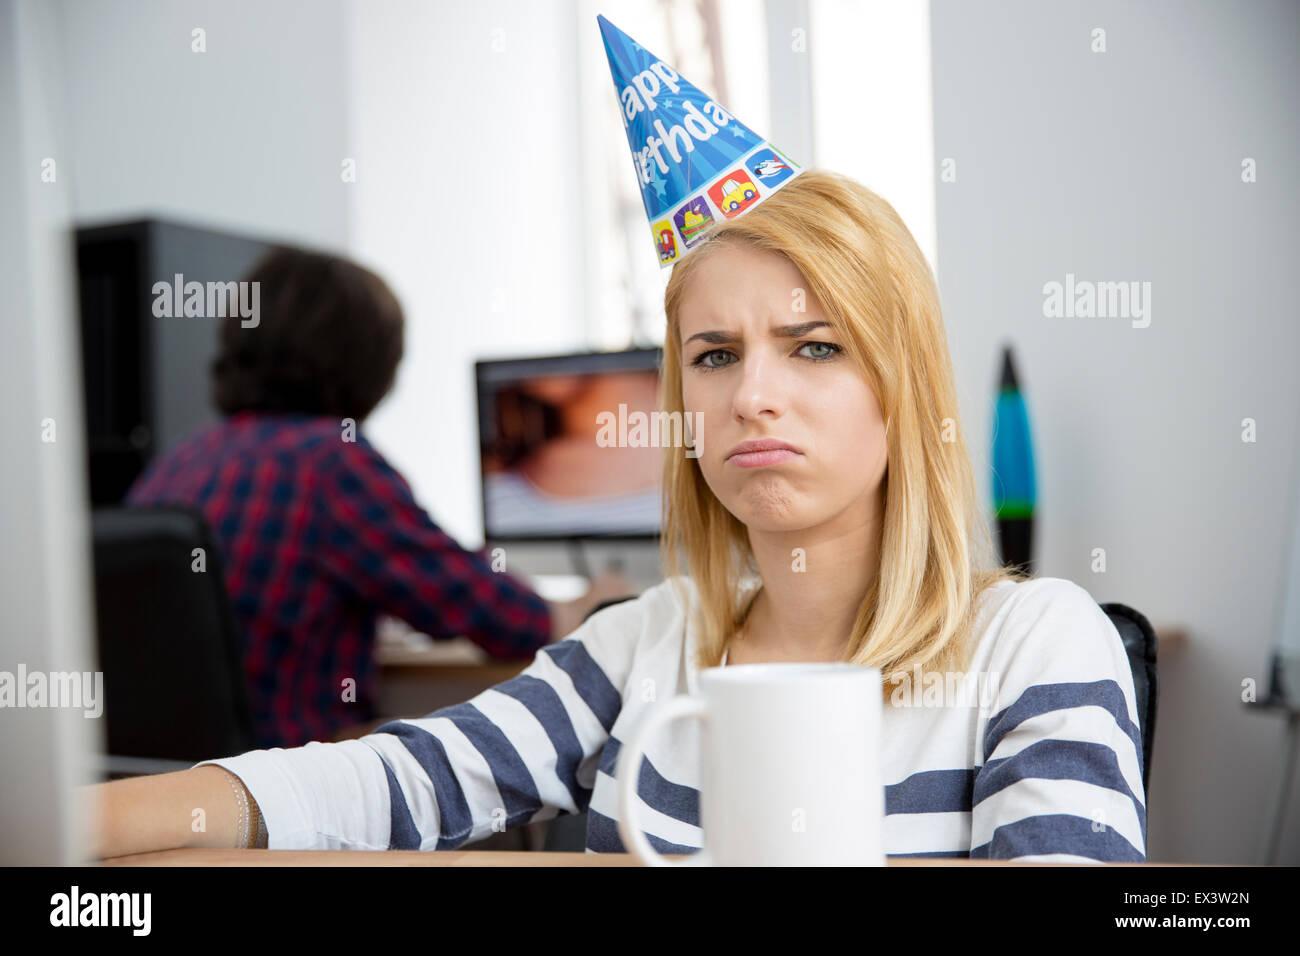 Sad woman with birthday hat assis à la table dans le bureau et looking at camera Photo Stock